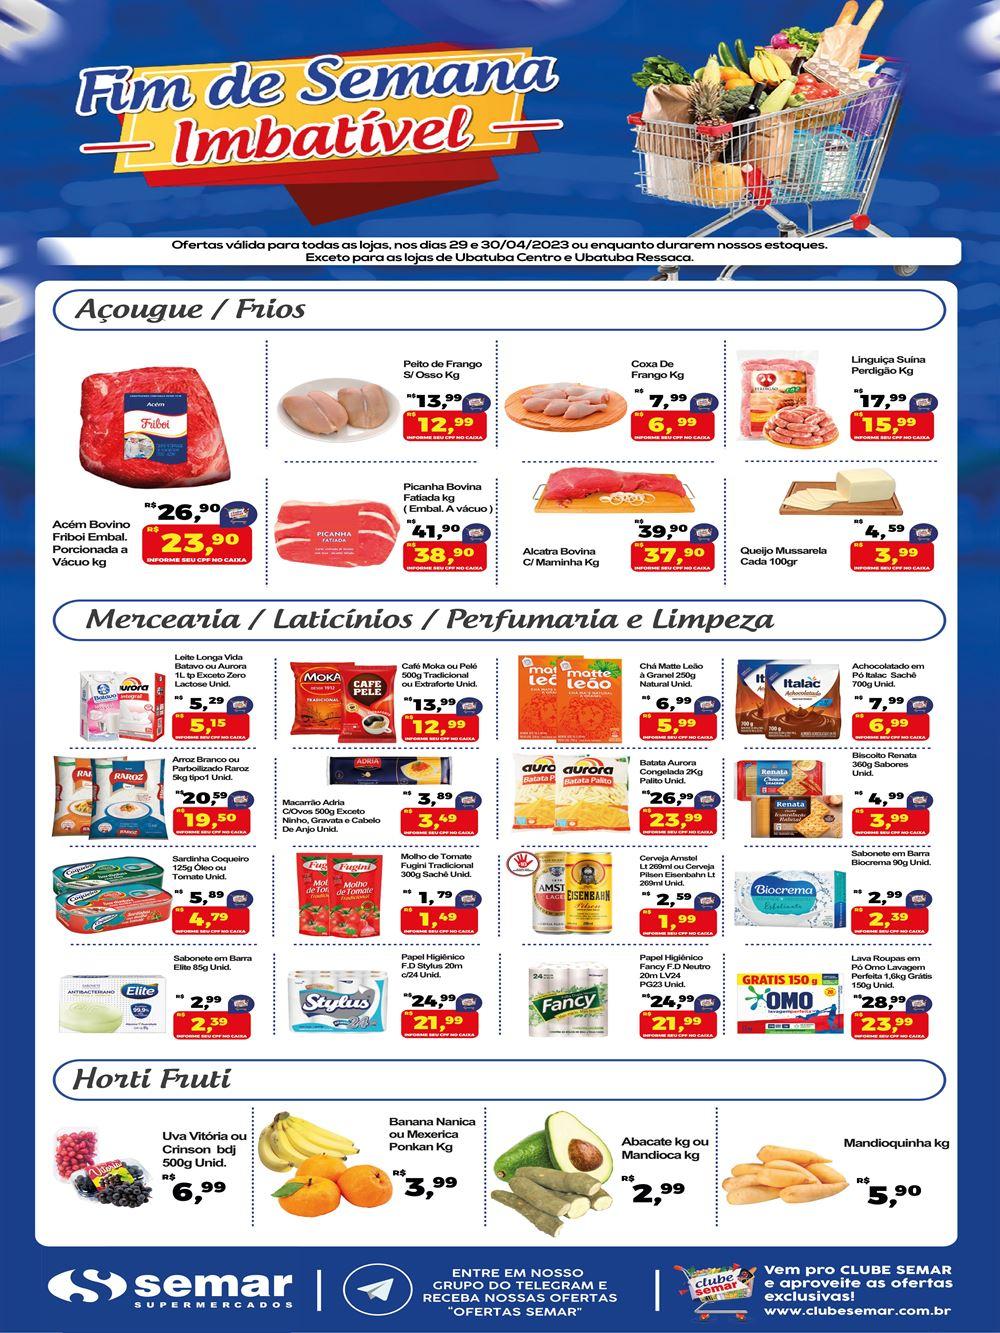 semar-ofertas-descontos-hoje1-36 São Paulo